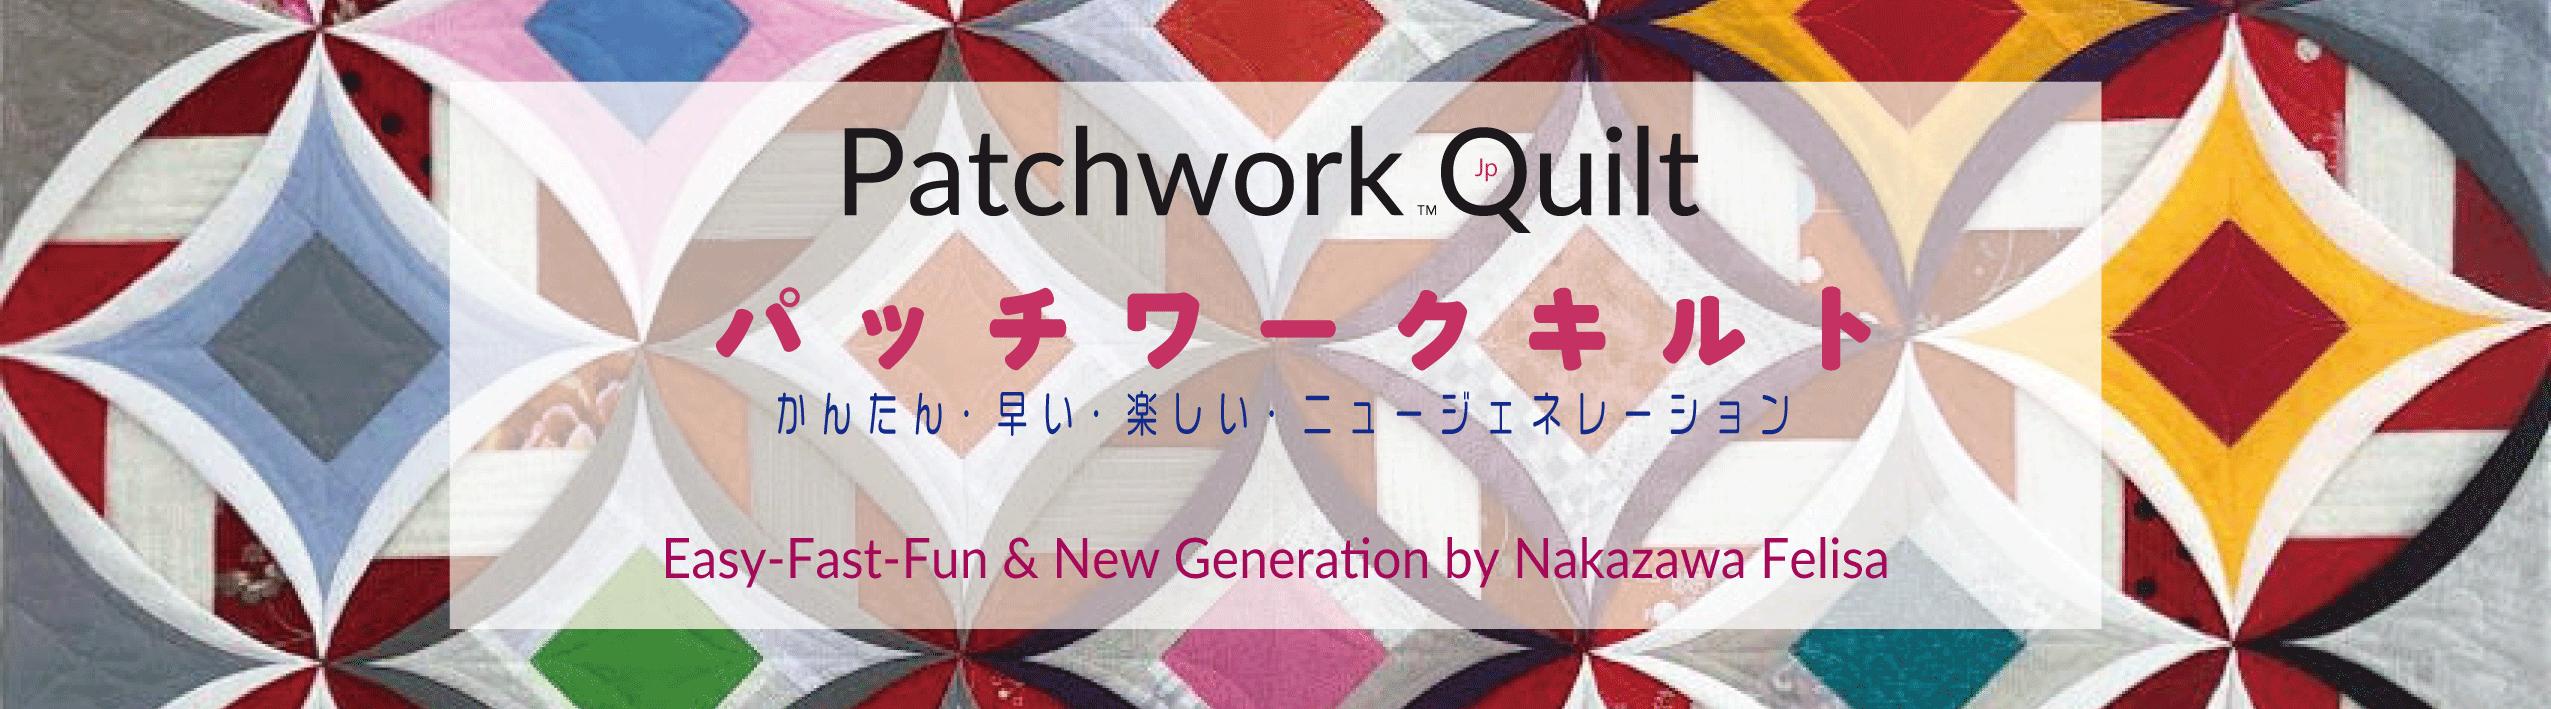 パッチワークキルト Patchwork Quilt Jp